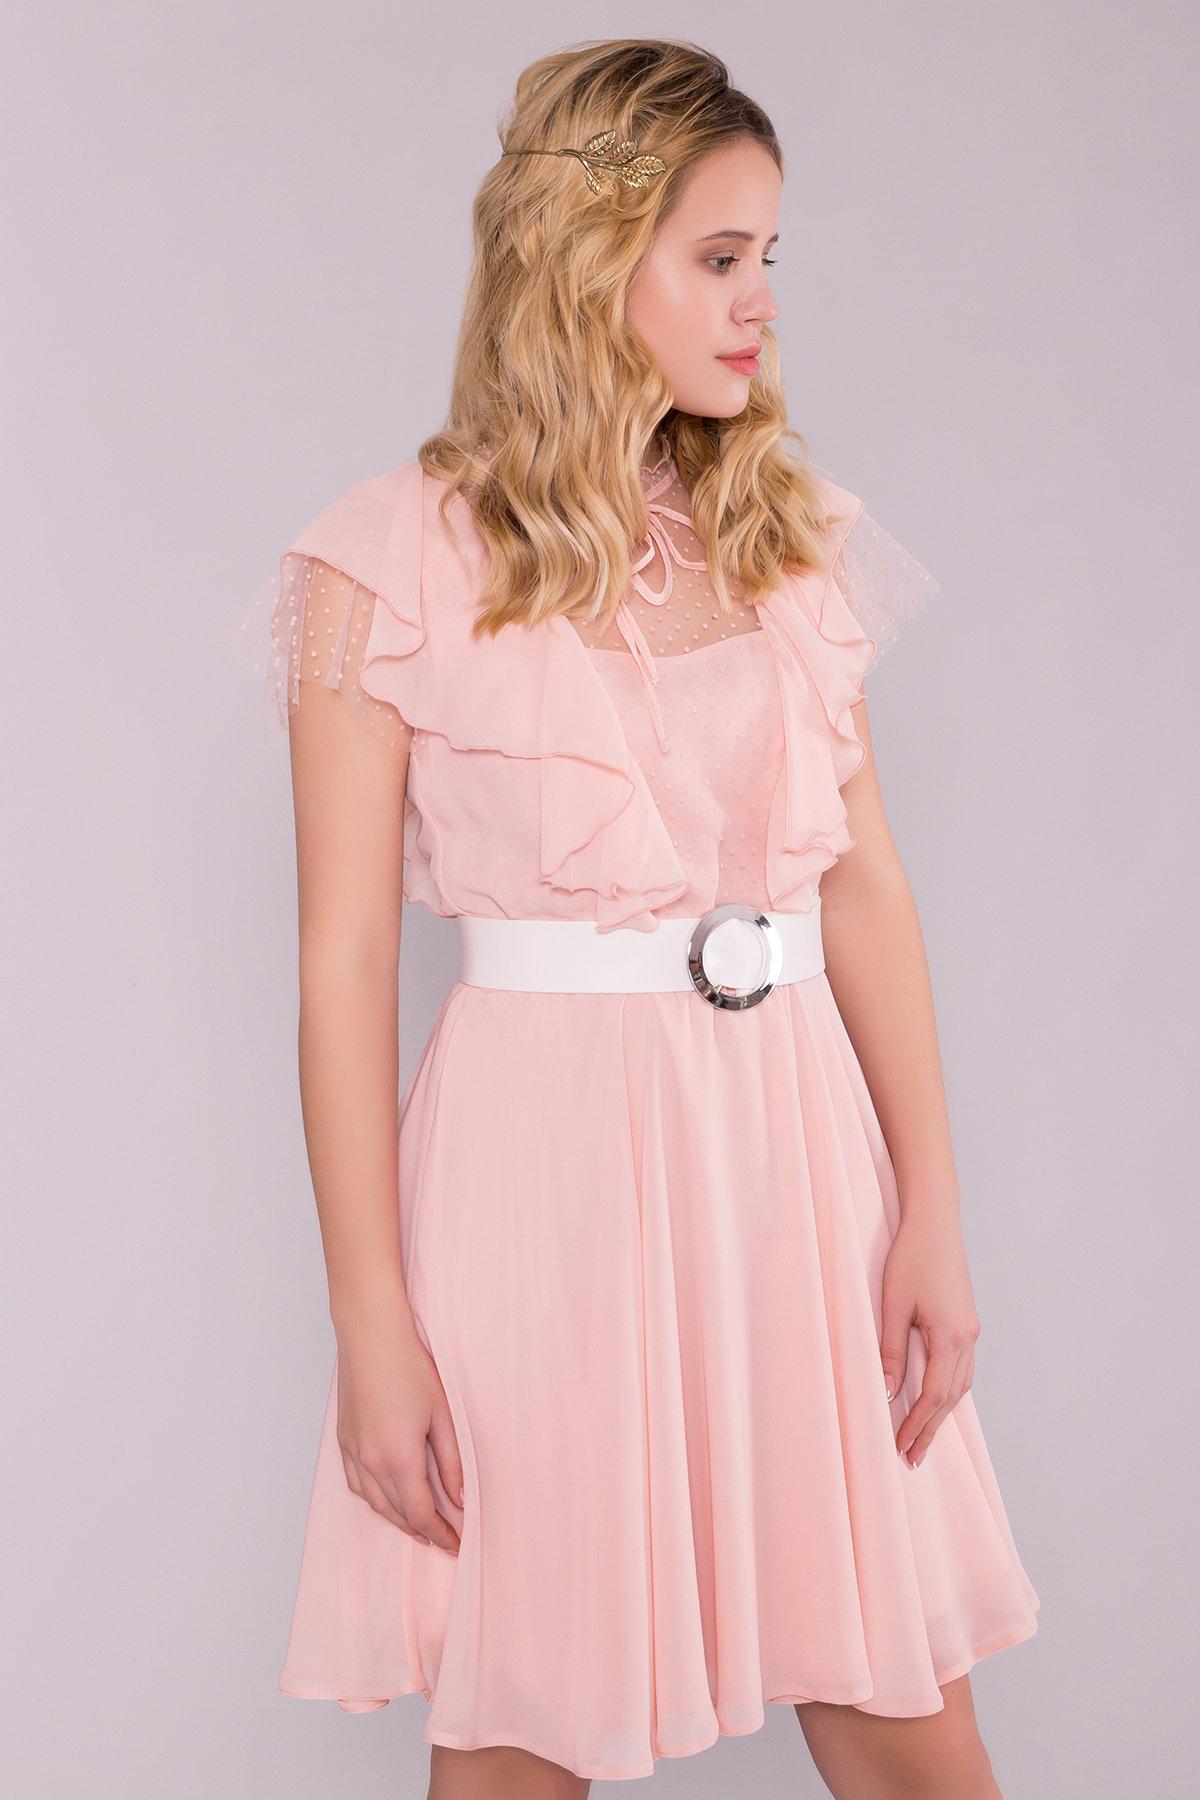 Платье Дали 6992 АРТ. 42308 Цвет: Пудра - фото 5, интернет магазин tm-modus.ru